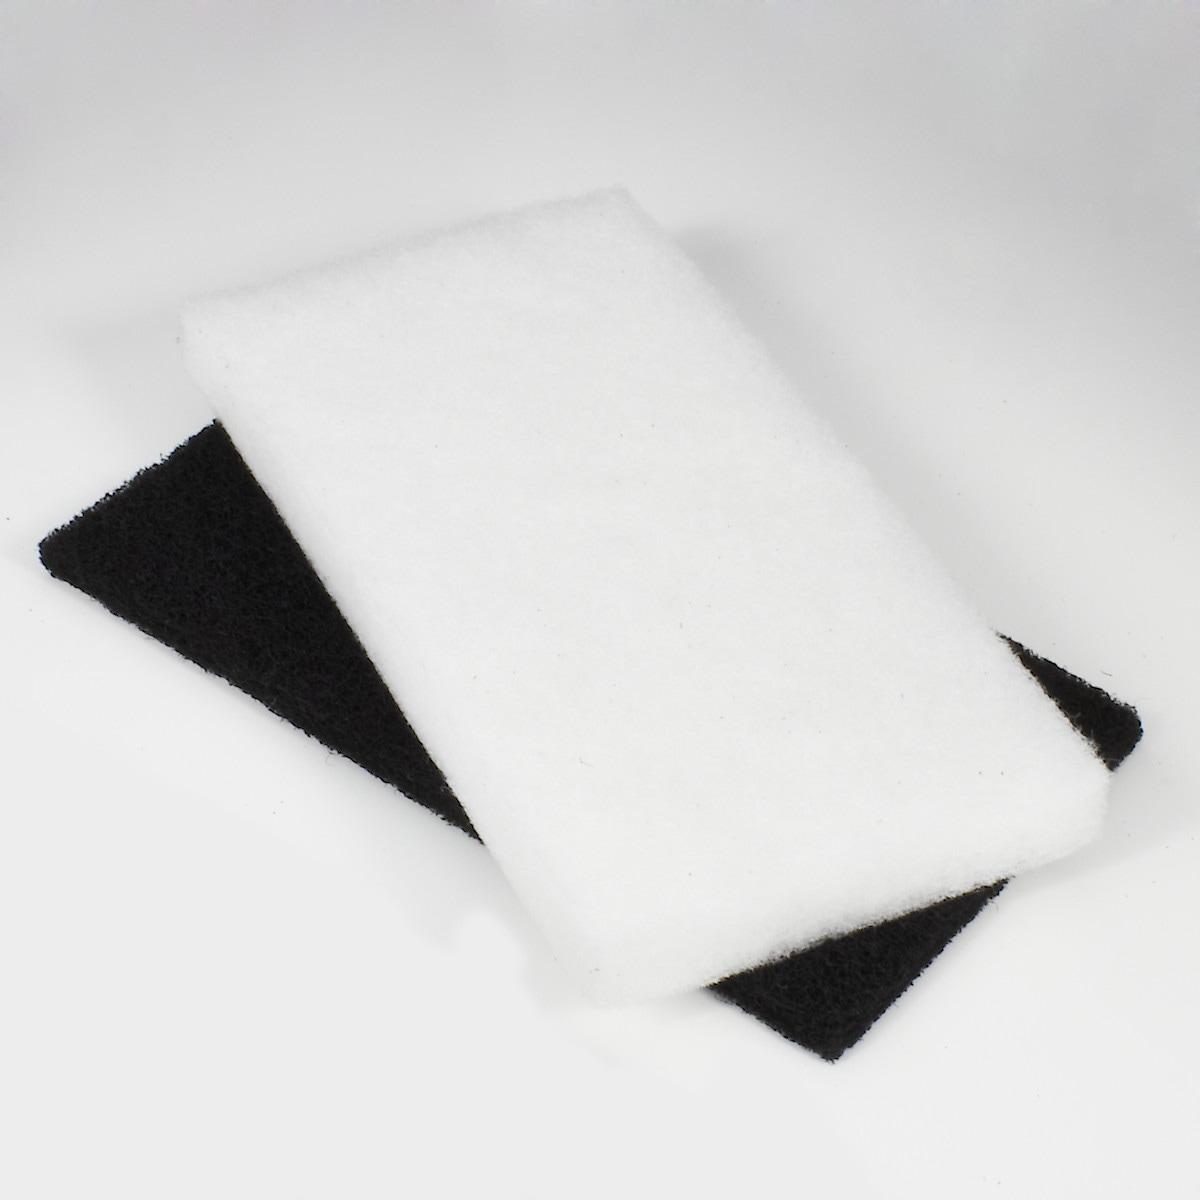 Utblåsfilter Black&Decker